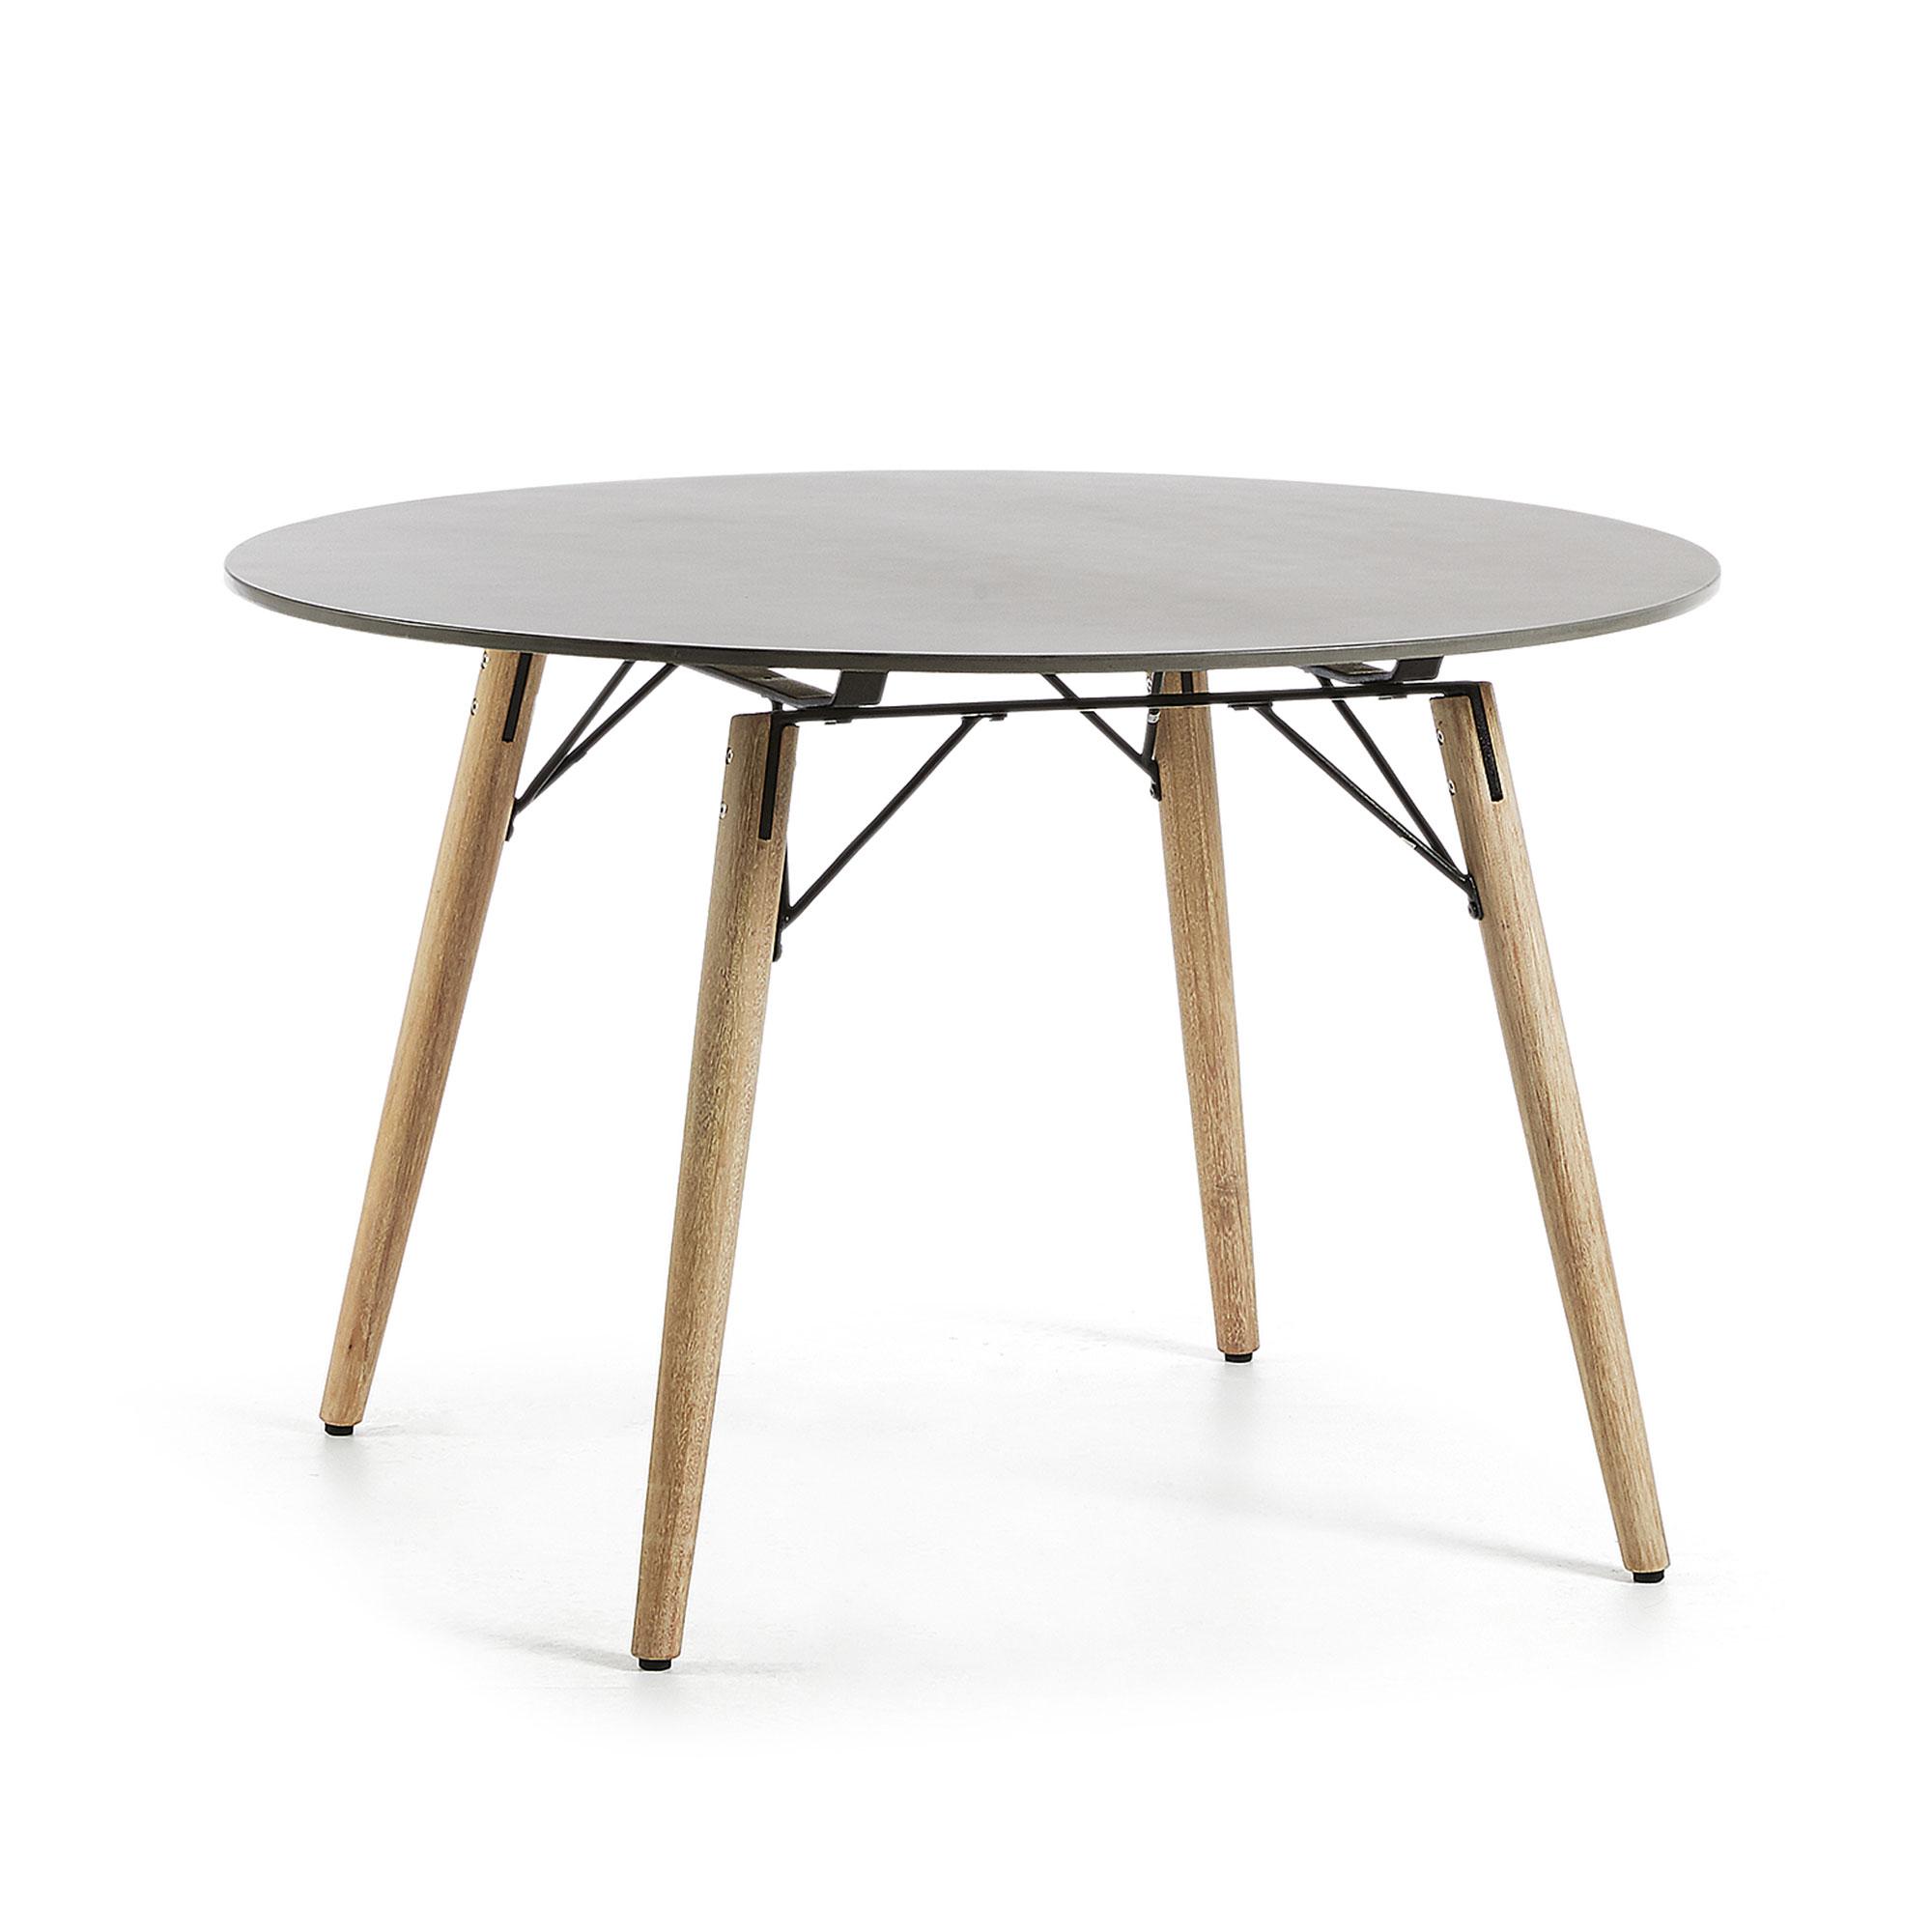 LaForma - Tropo SpisebordØ120 - Natur/grå LaForma